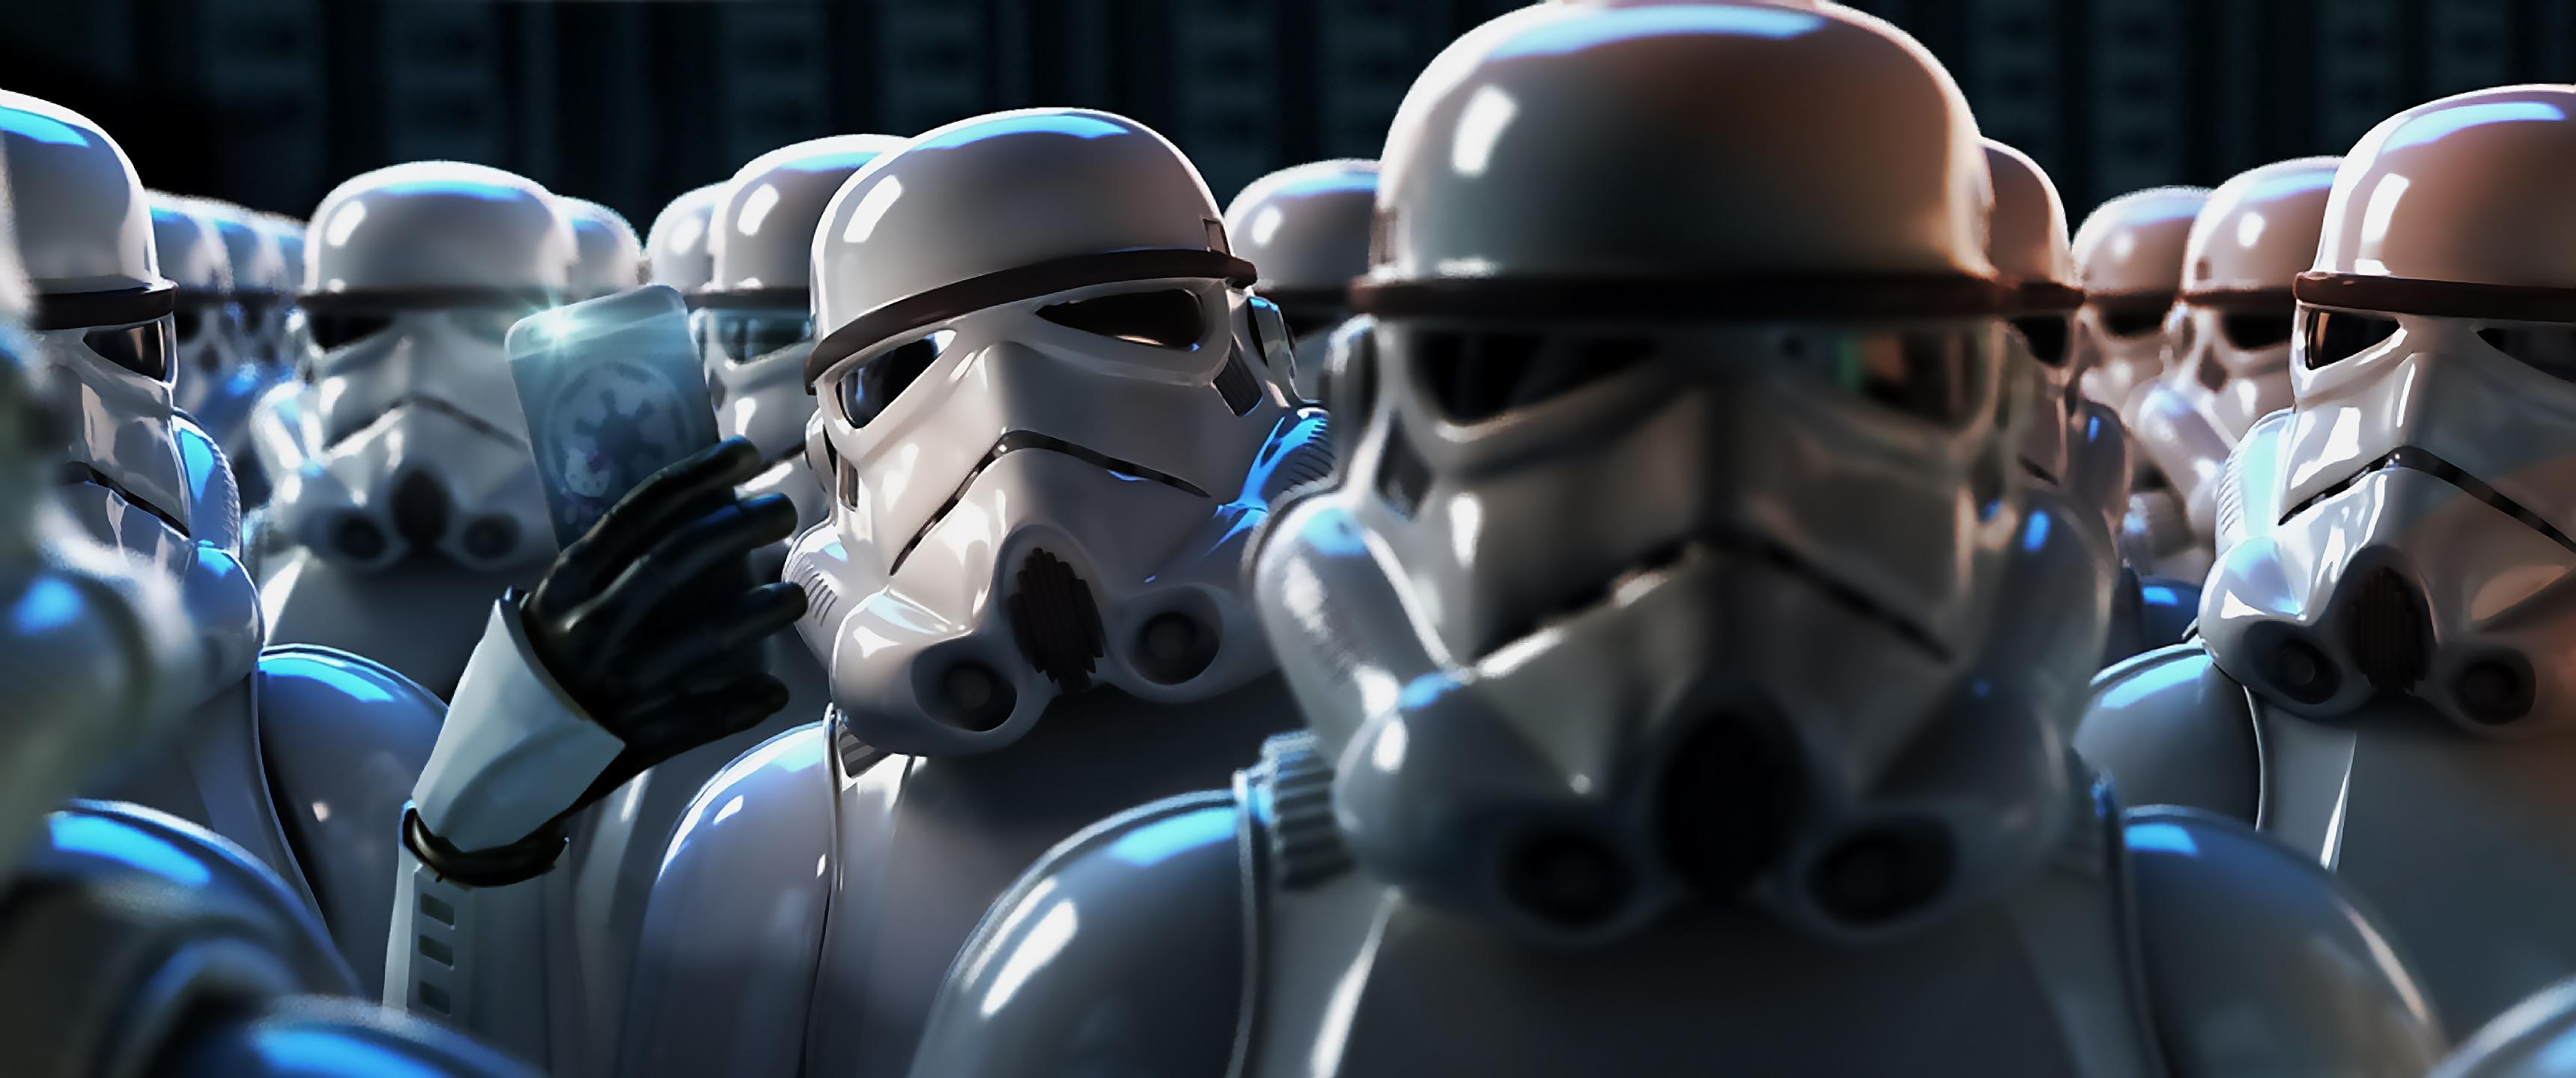 Star Wars   OMGDarthVader [3440x1440] iimgurcom 3440x1440